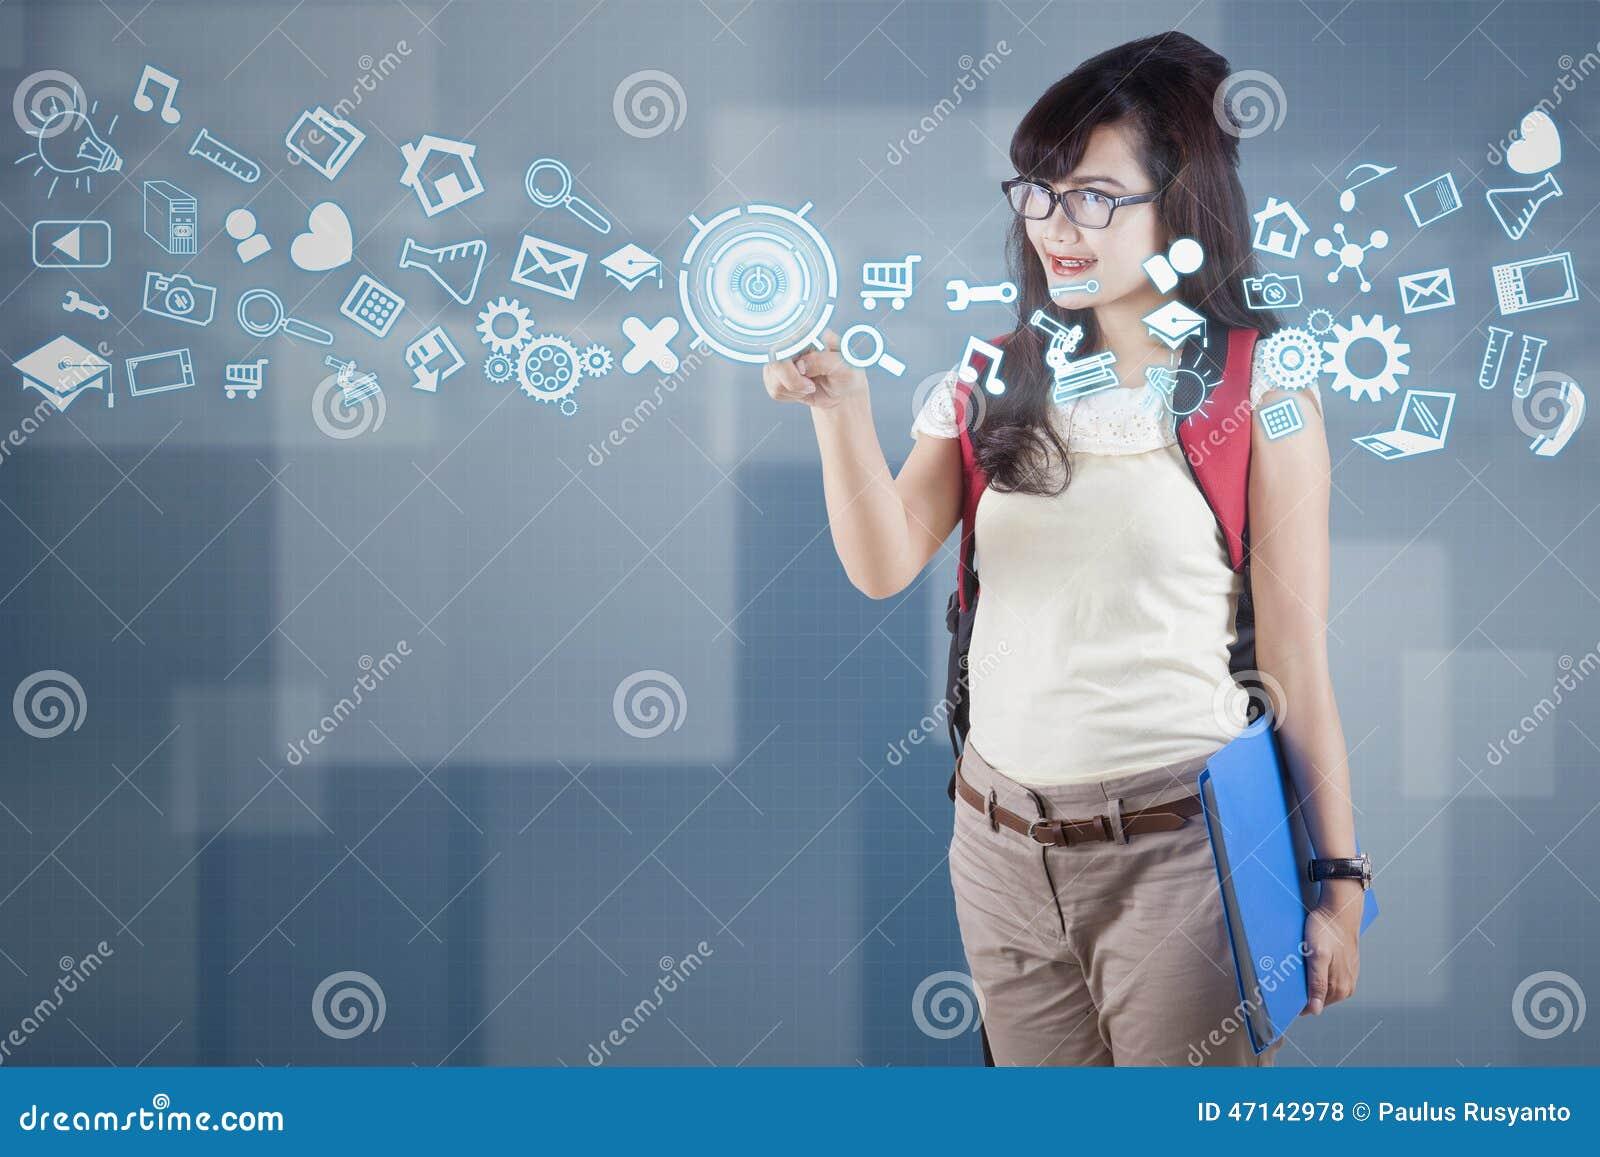 modern technology in school essay